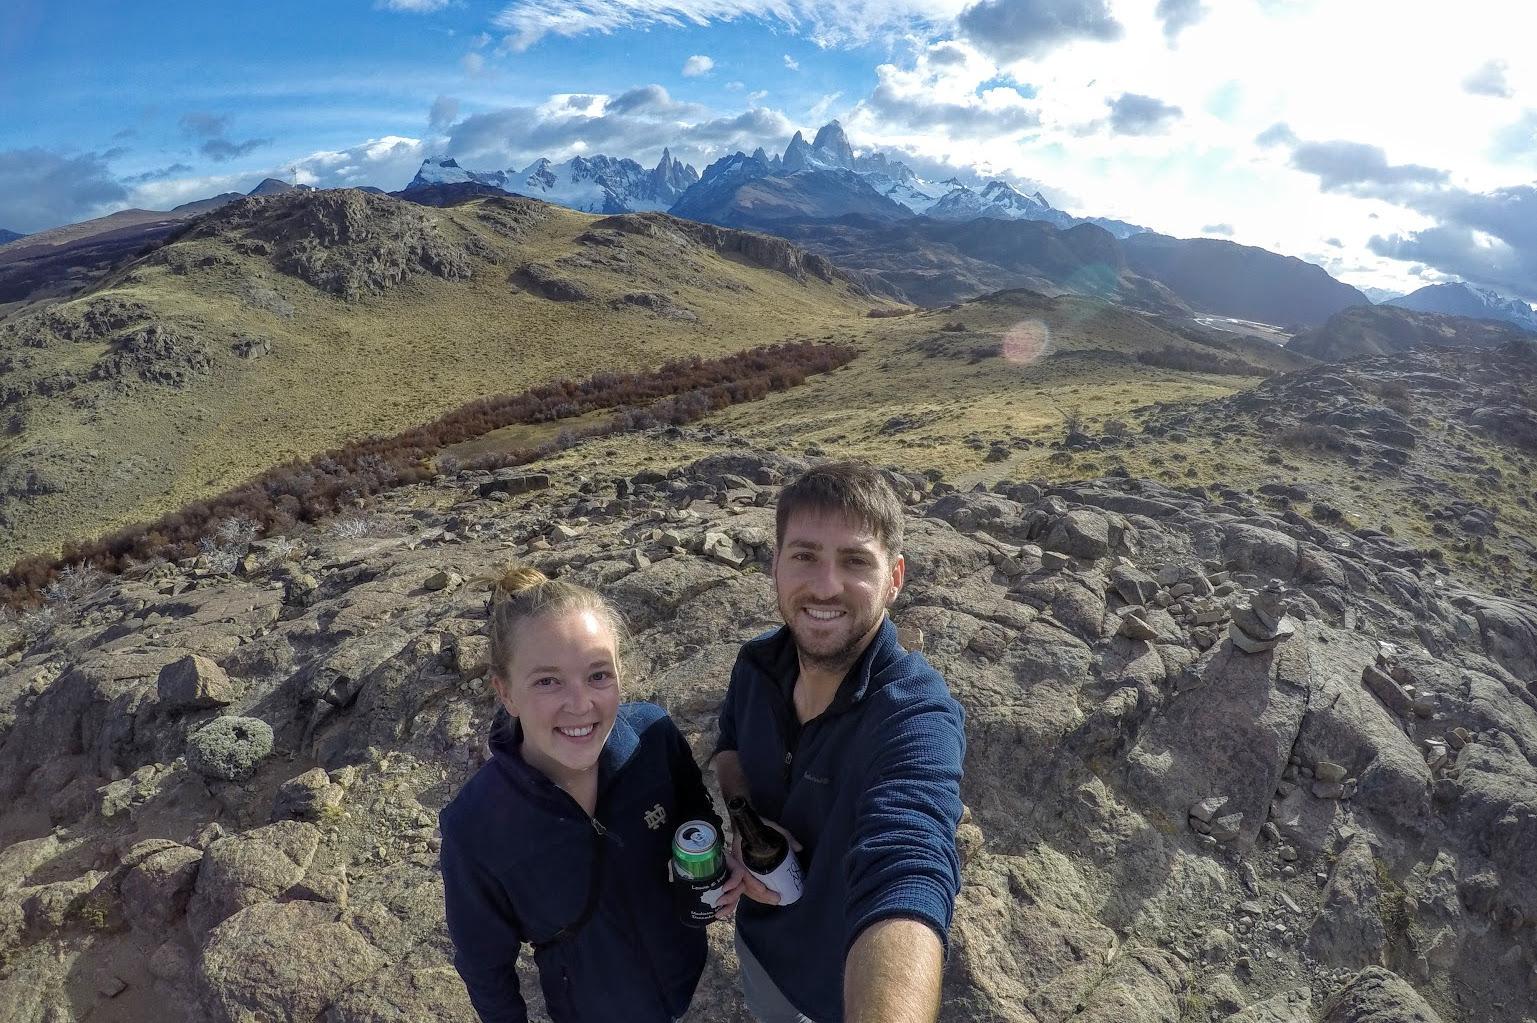 patagonia laura and vesper